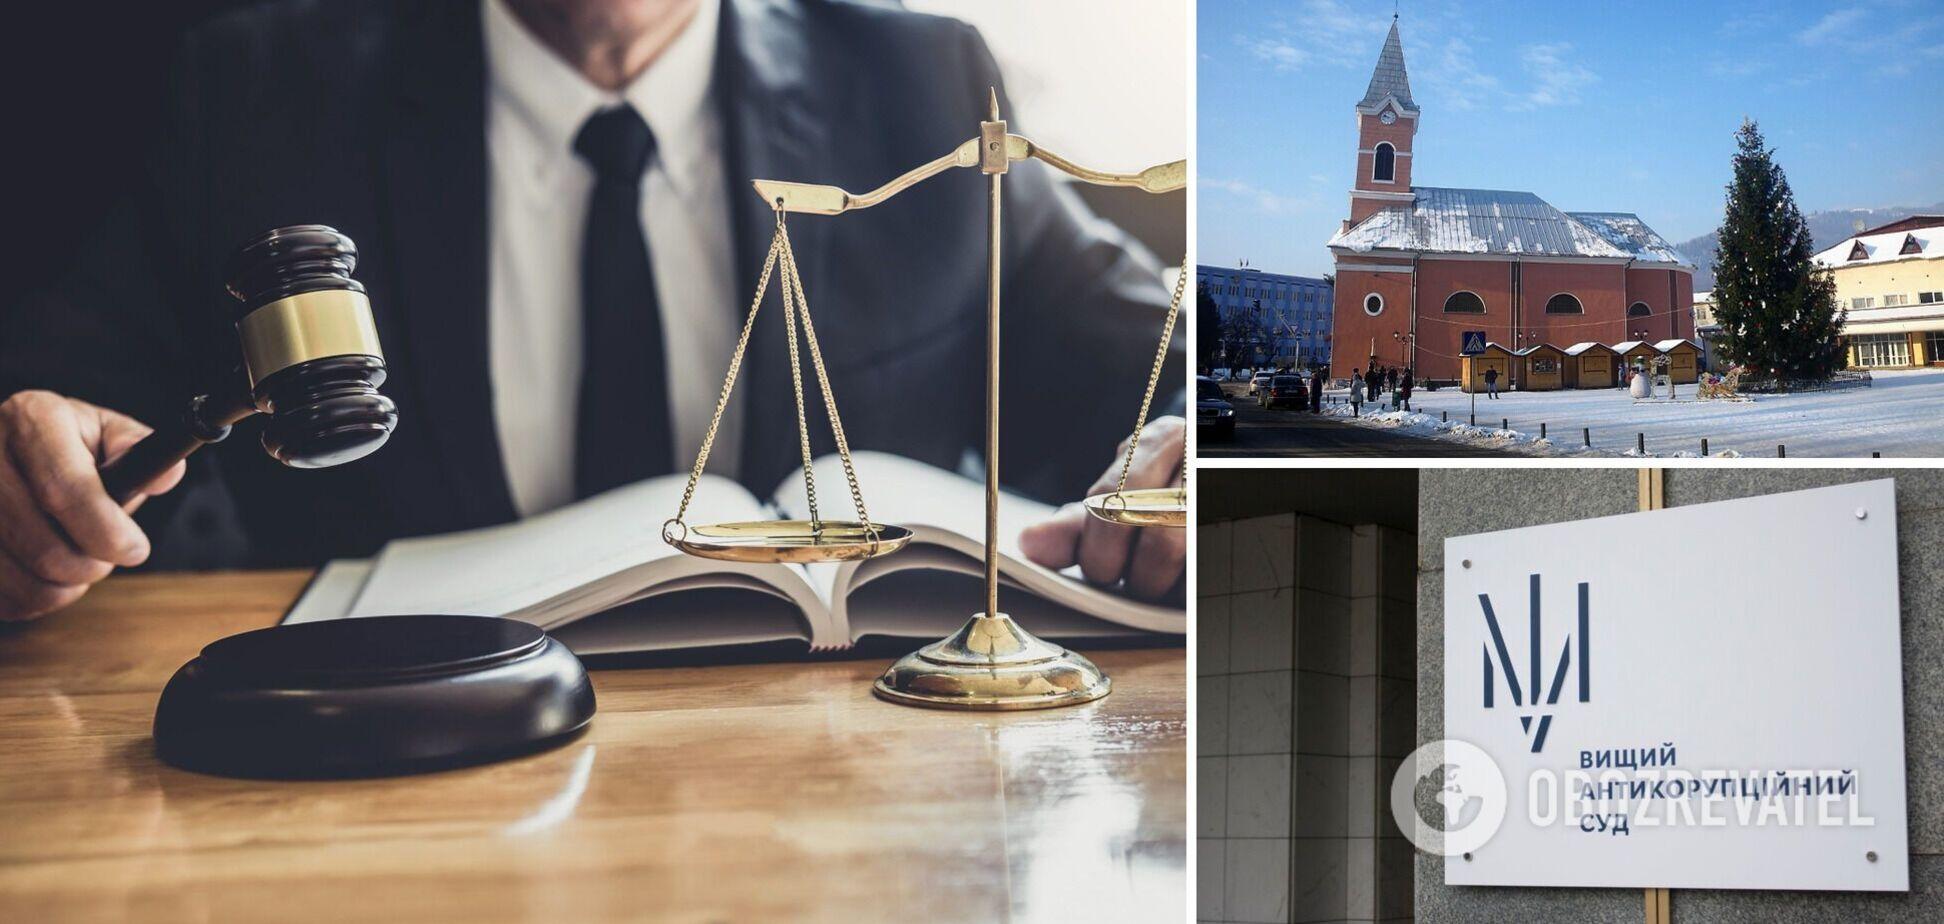 Судье с Закарпатья дали 6 лет тюрьмы за взяточничество